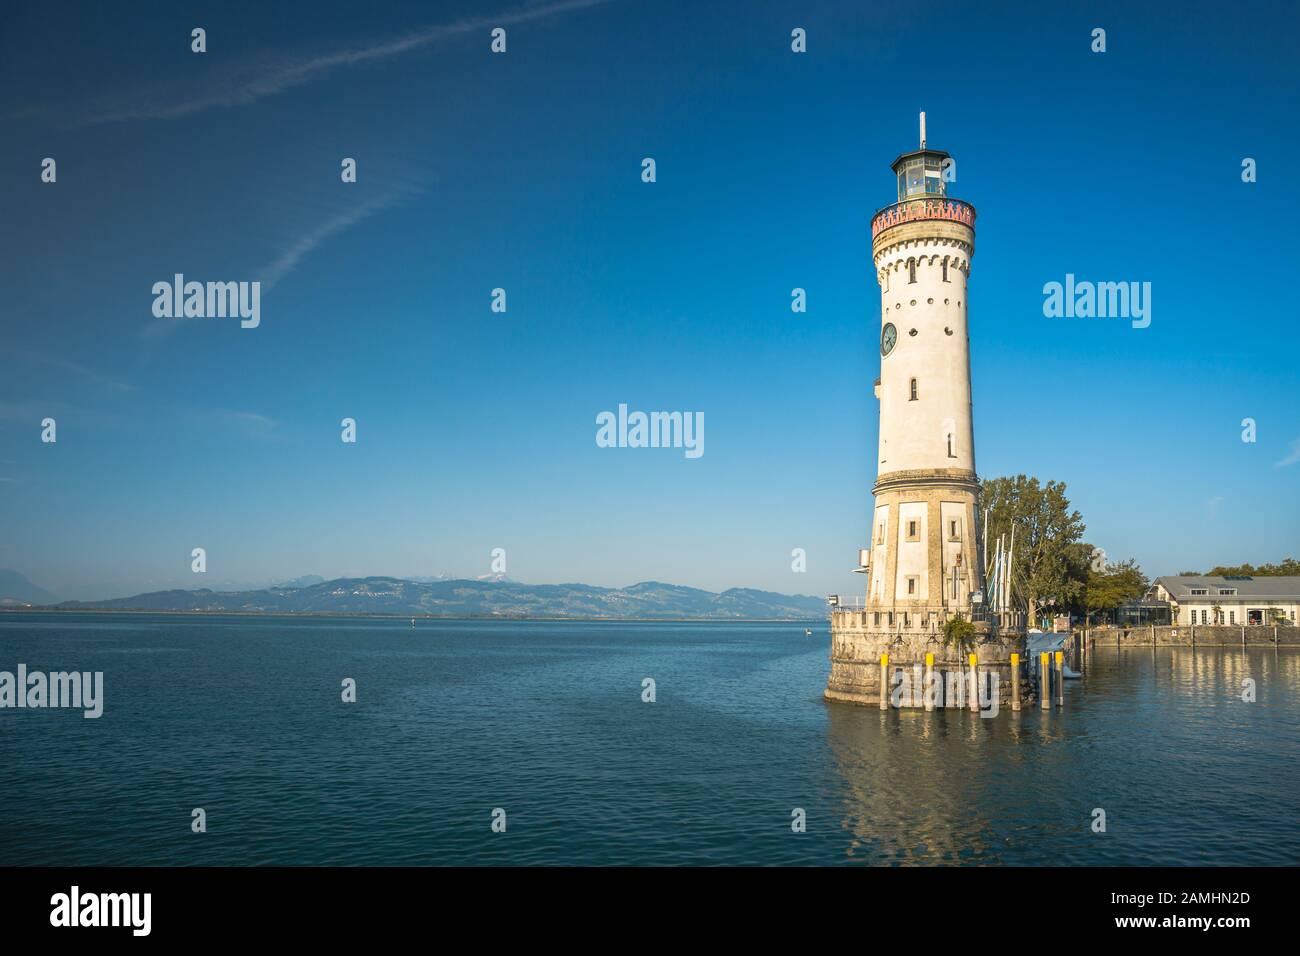 Phare historique dans le port de Lindau, Bavière. Une ville en Allemagne, sur une île au milieu du lac de Constance. Alpes en arrière-plan Banque D'Images